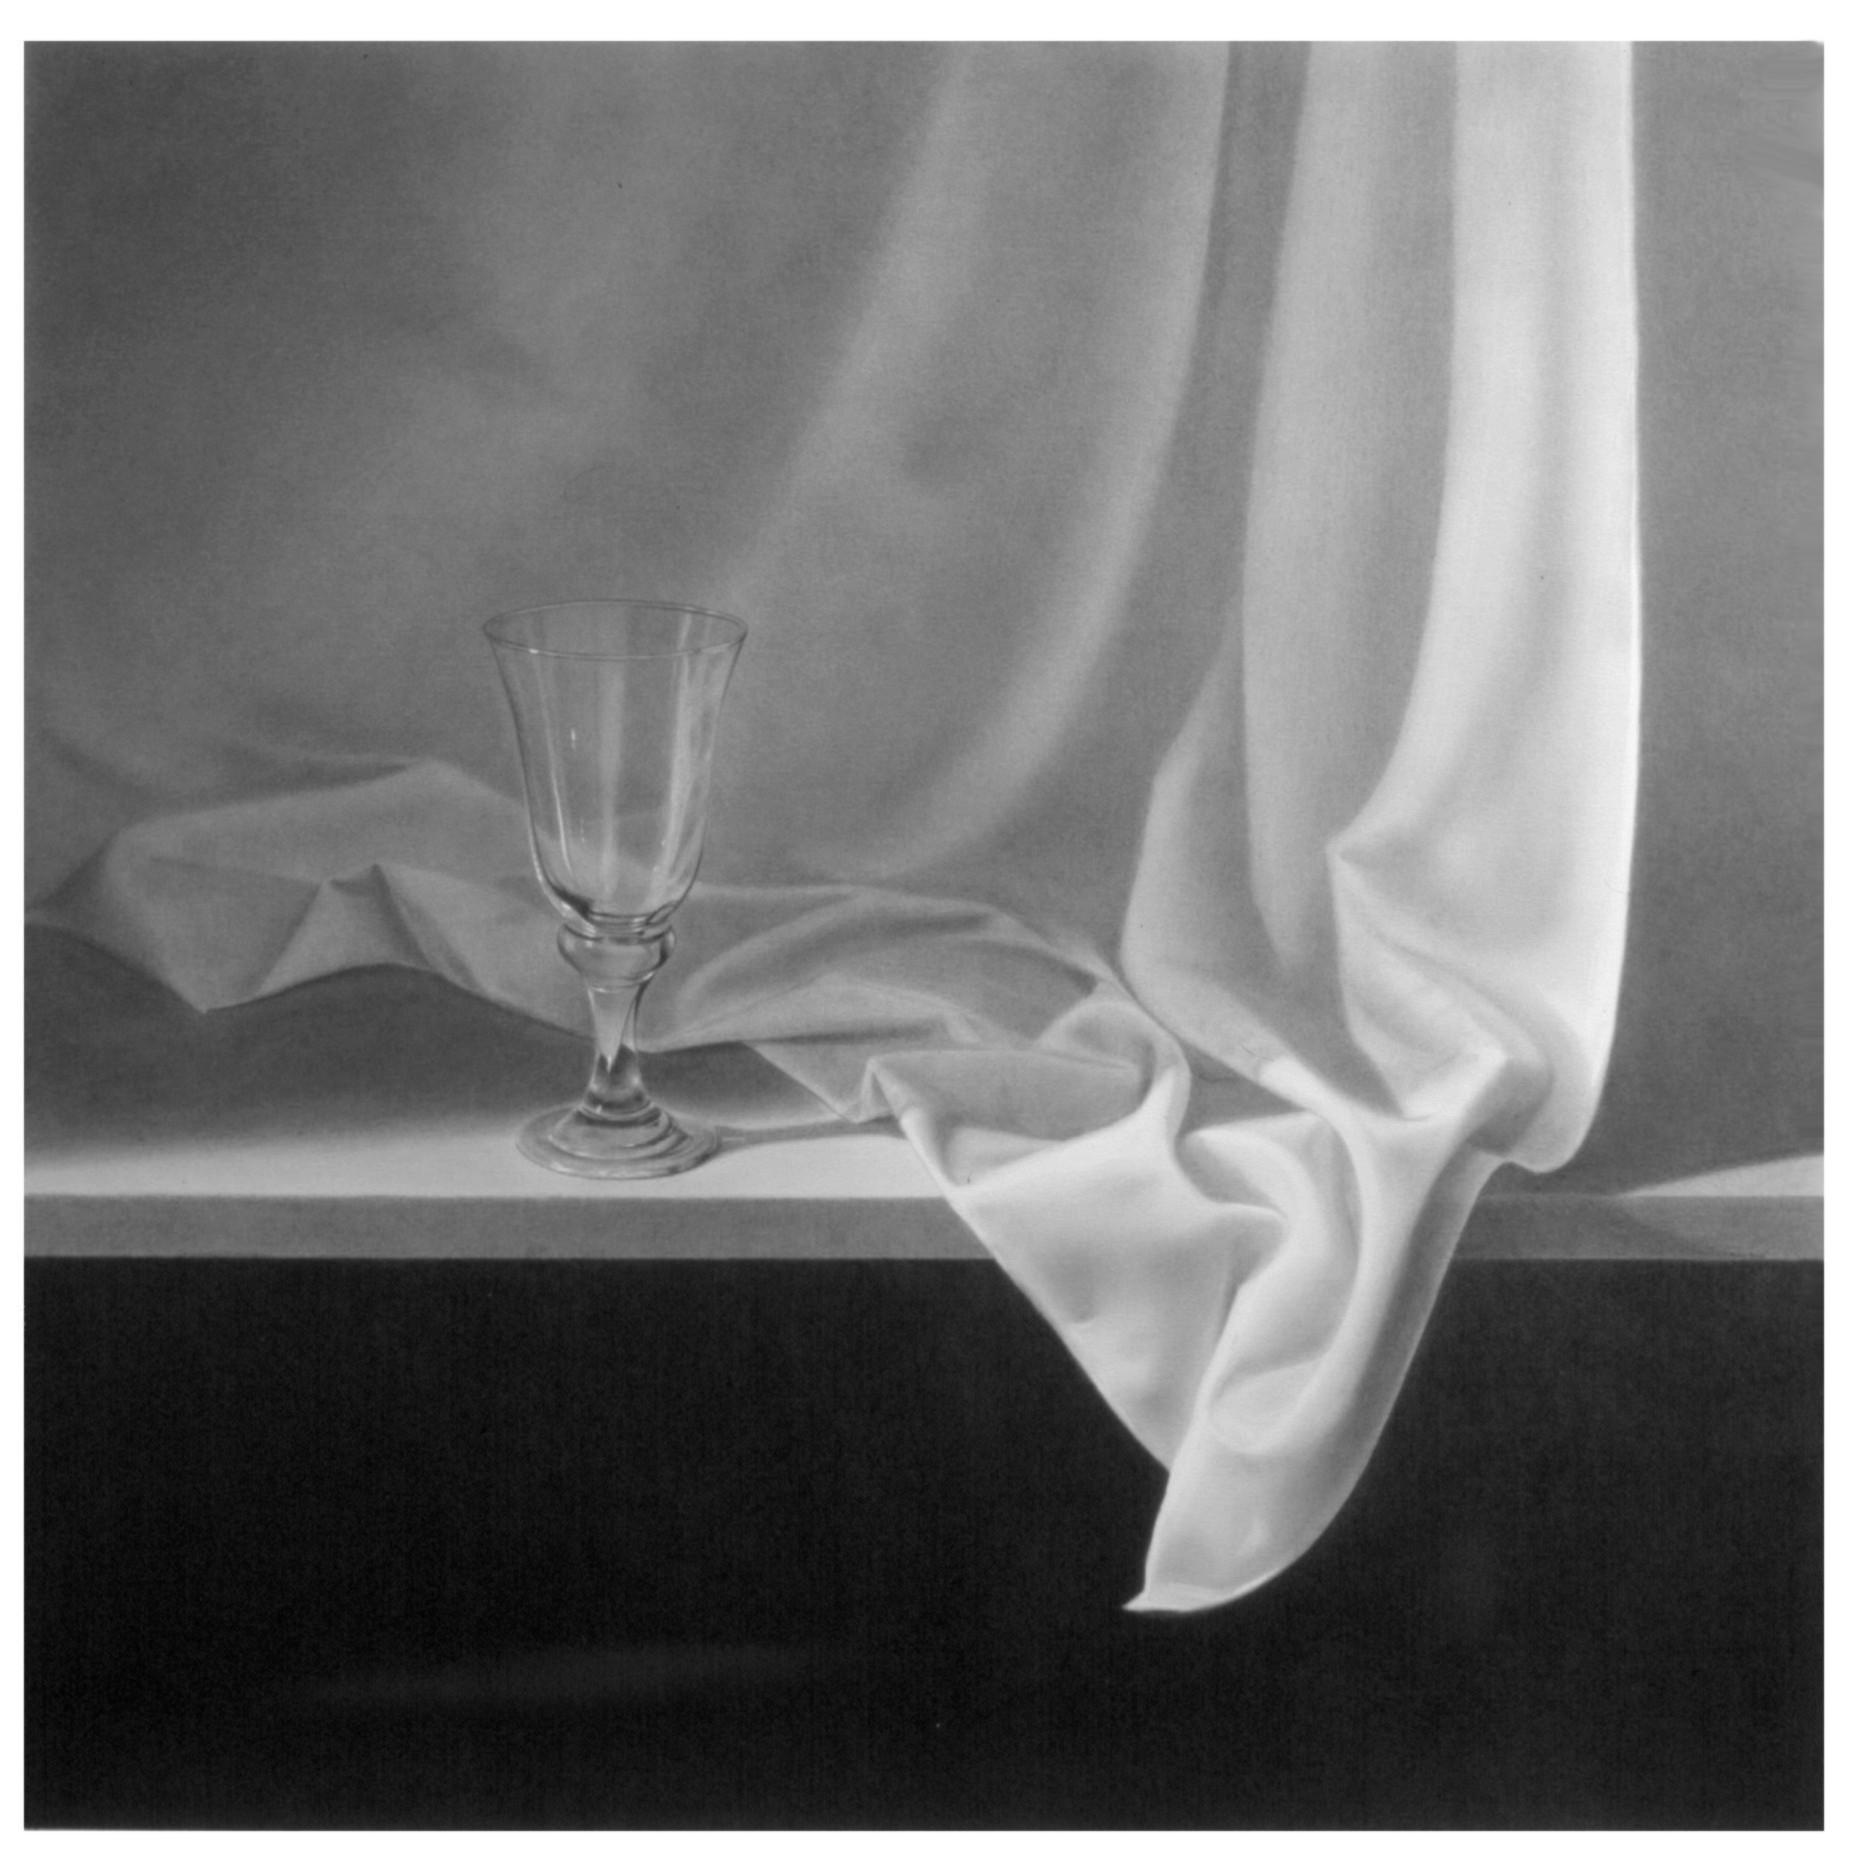 Tela sobre mesa y copa de cristal (2001) - Angel Luis Muñoz Durán